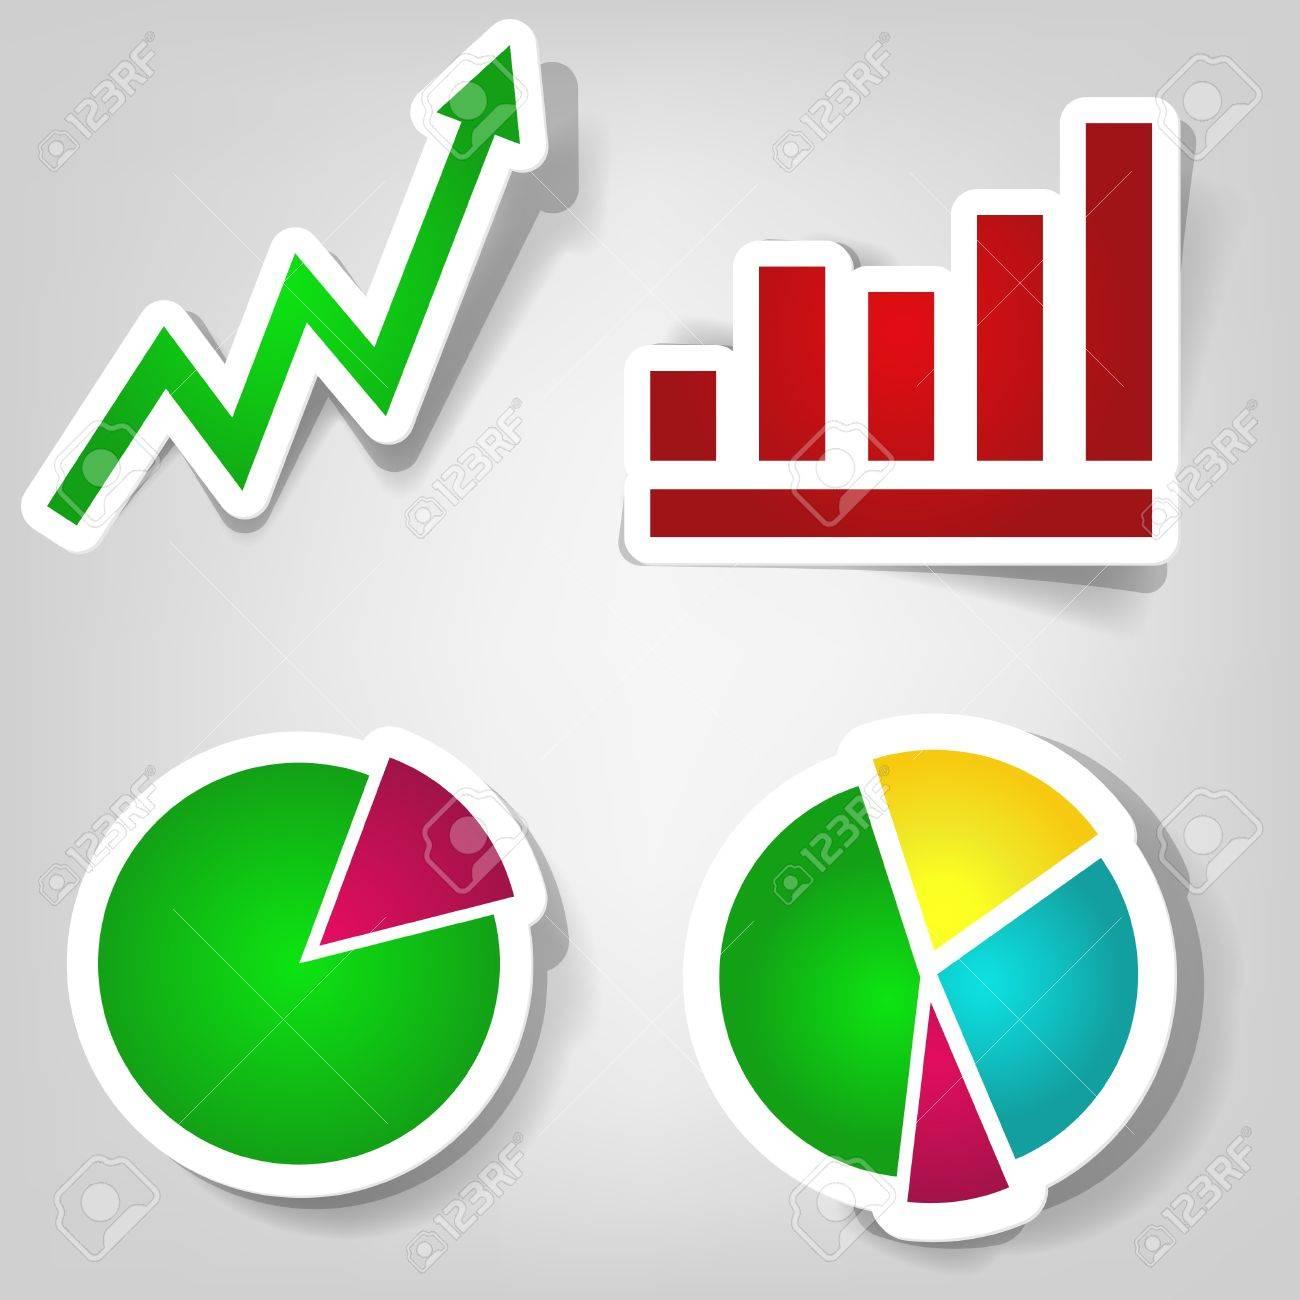 set of design elements for making presentations - 9893199